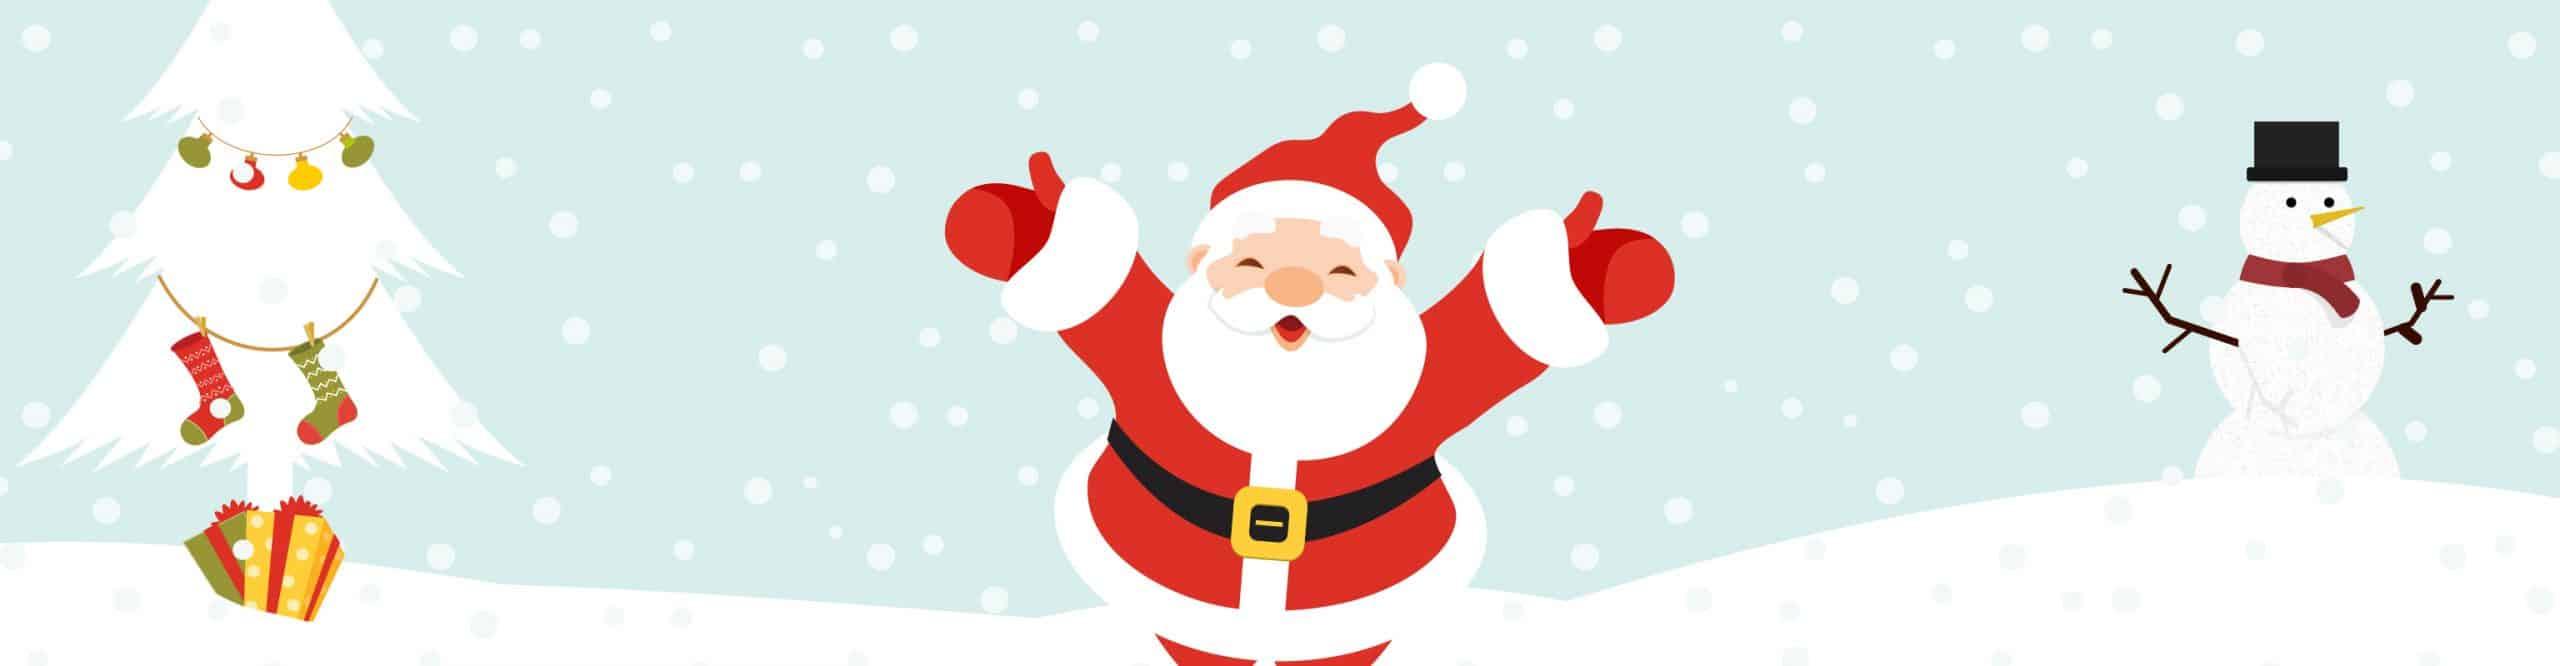 Visste du disse 7 tingene om julen Banner 01 - CasinoTopp